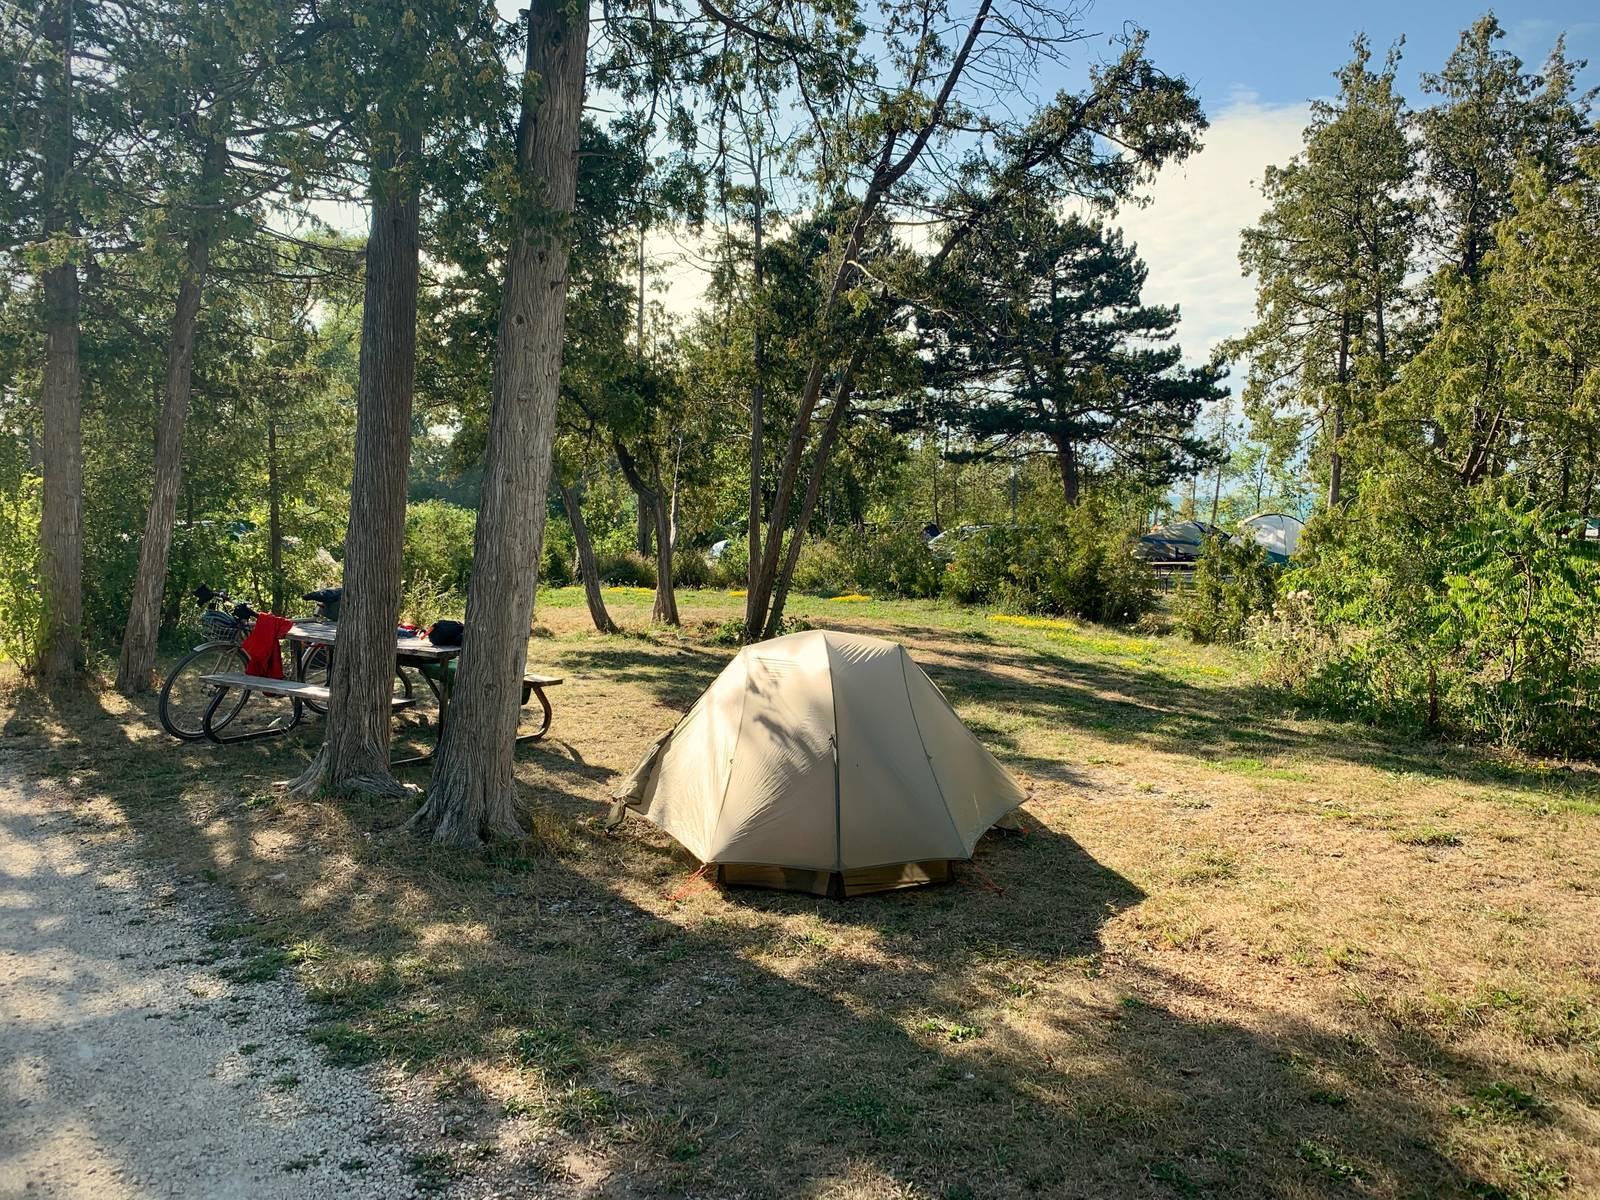 Craigleith campsite